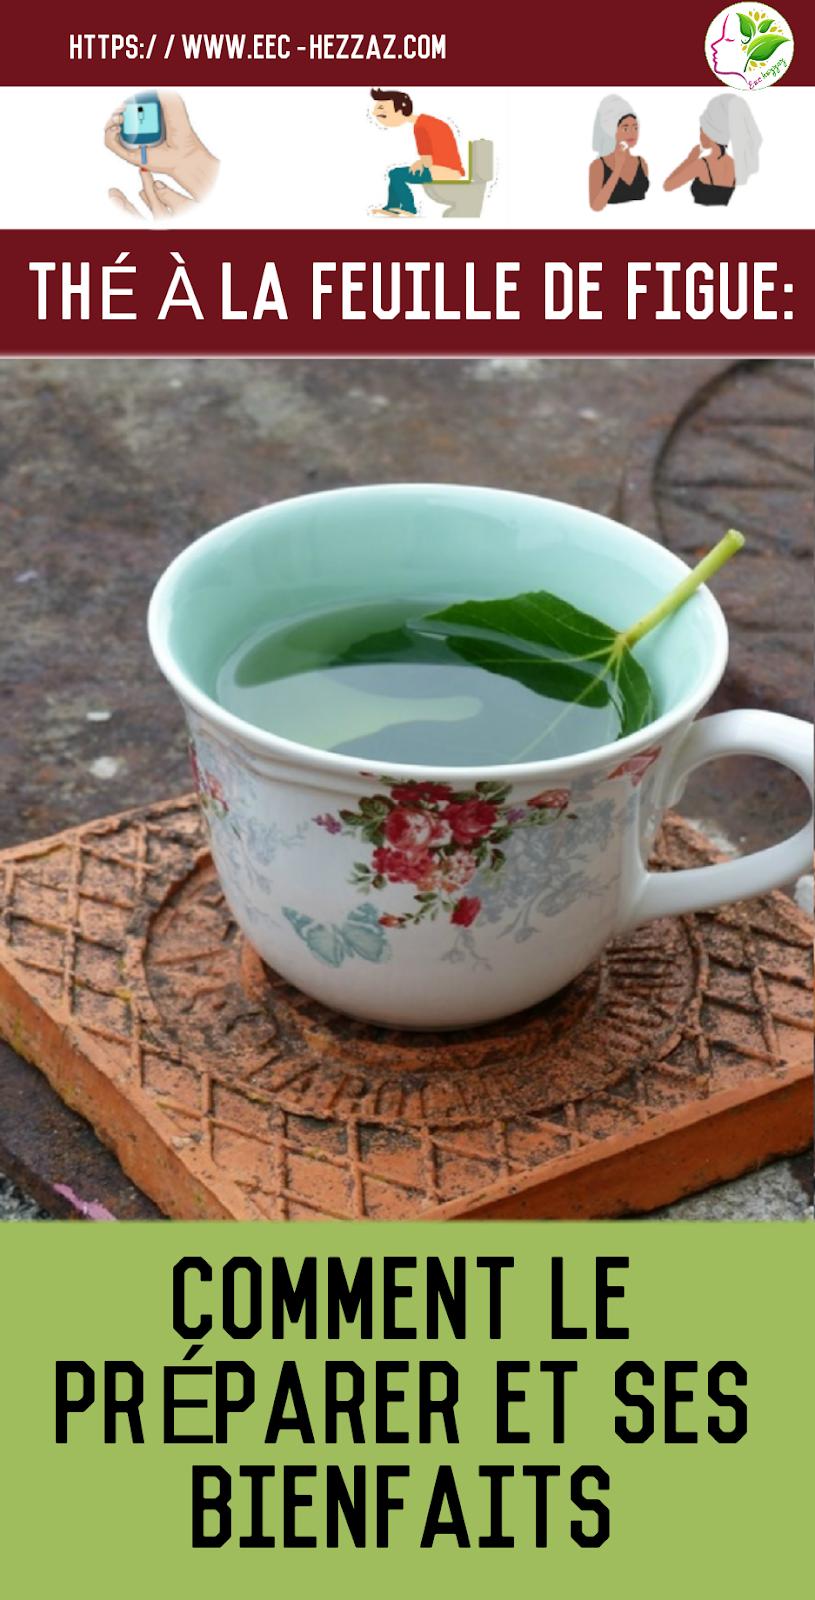 Thé à la feuille de figue: comment le préparer et ses bienfaits